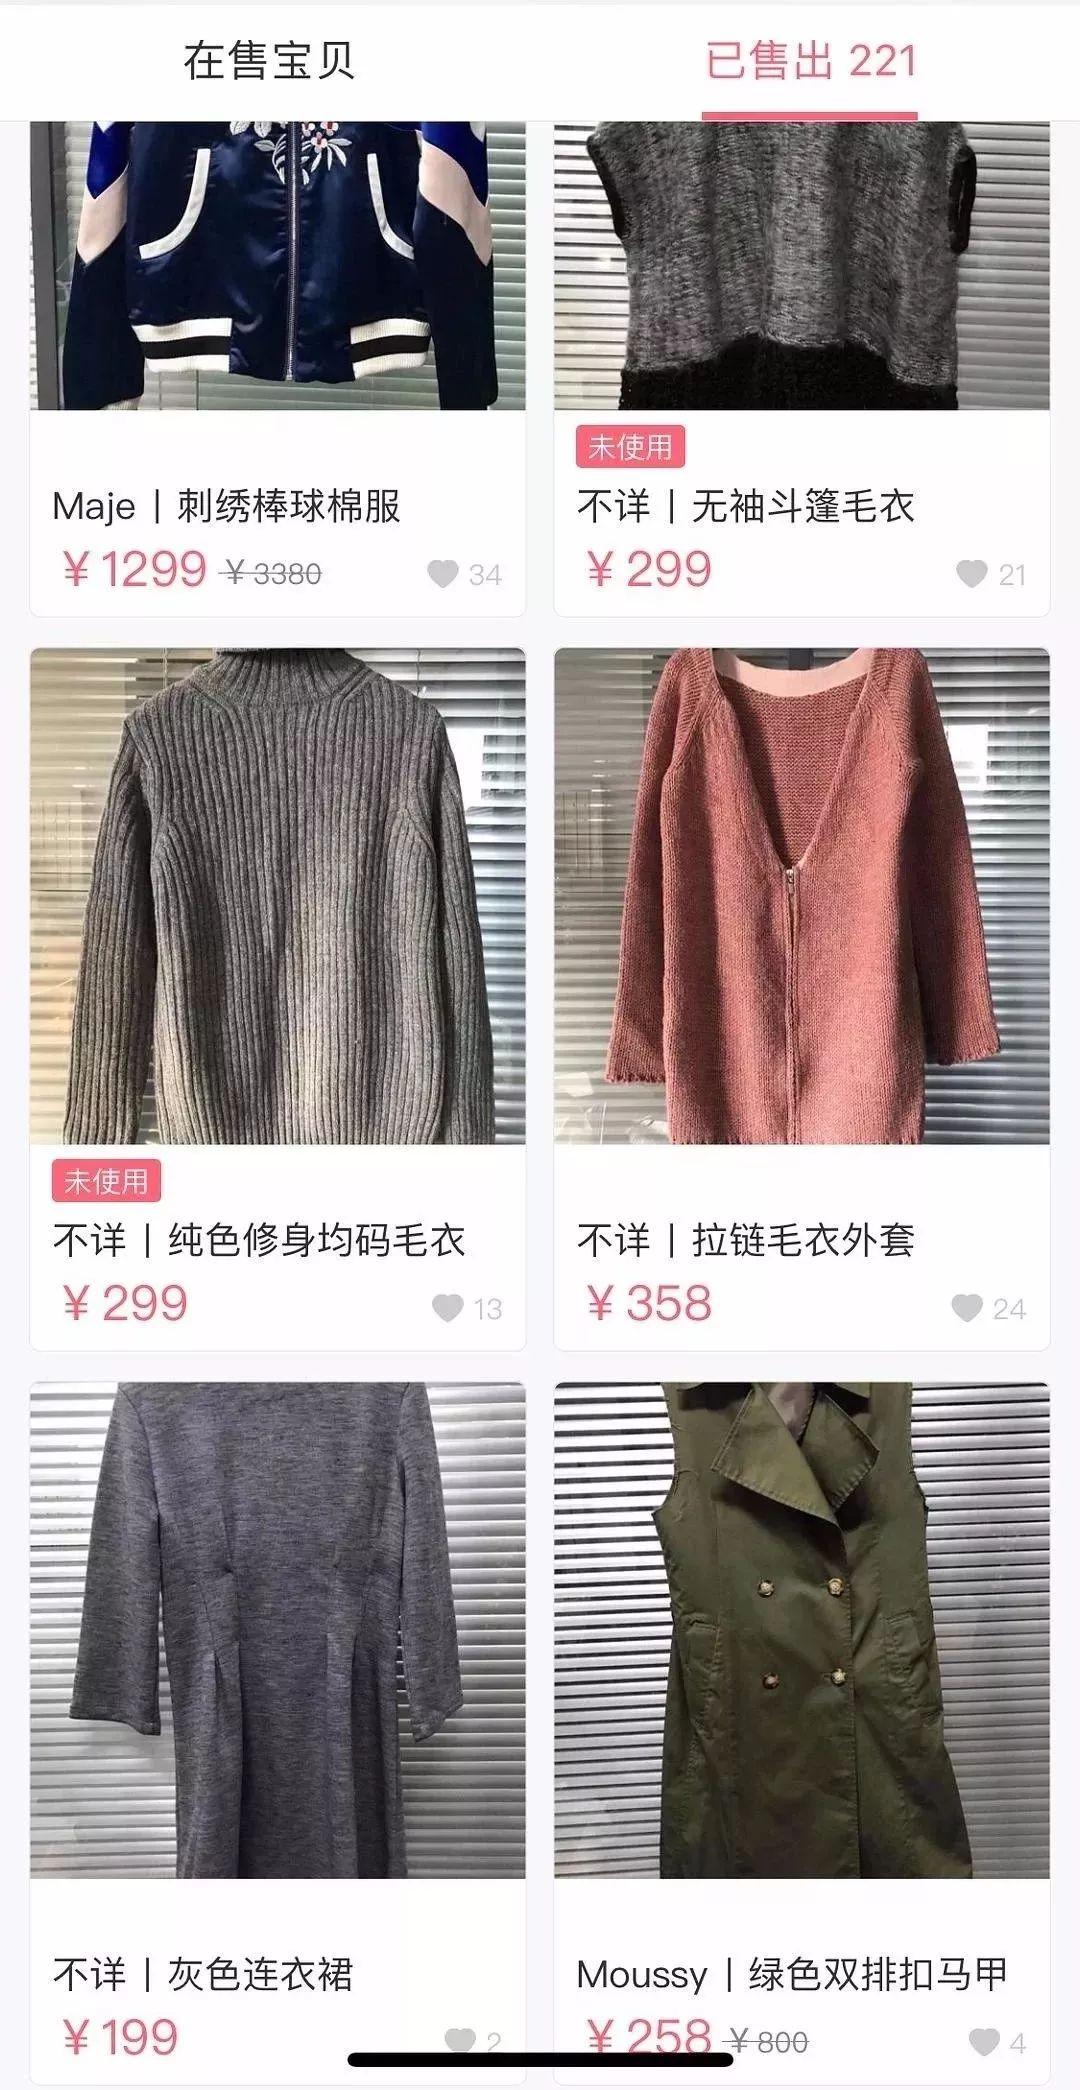 卖二手衣服不仅起球还破洞,唐嫣也这么缺钱的吗?